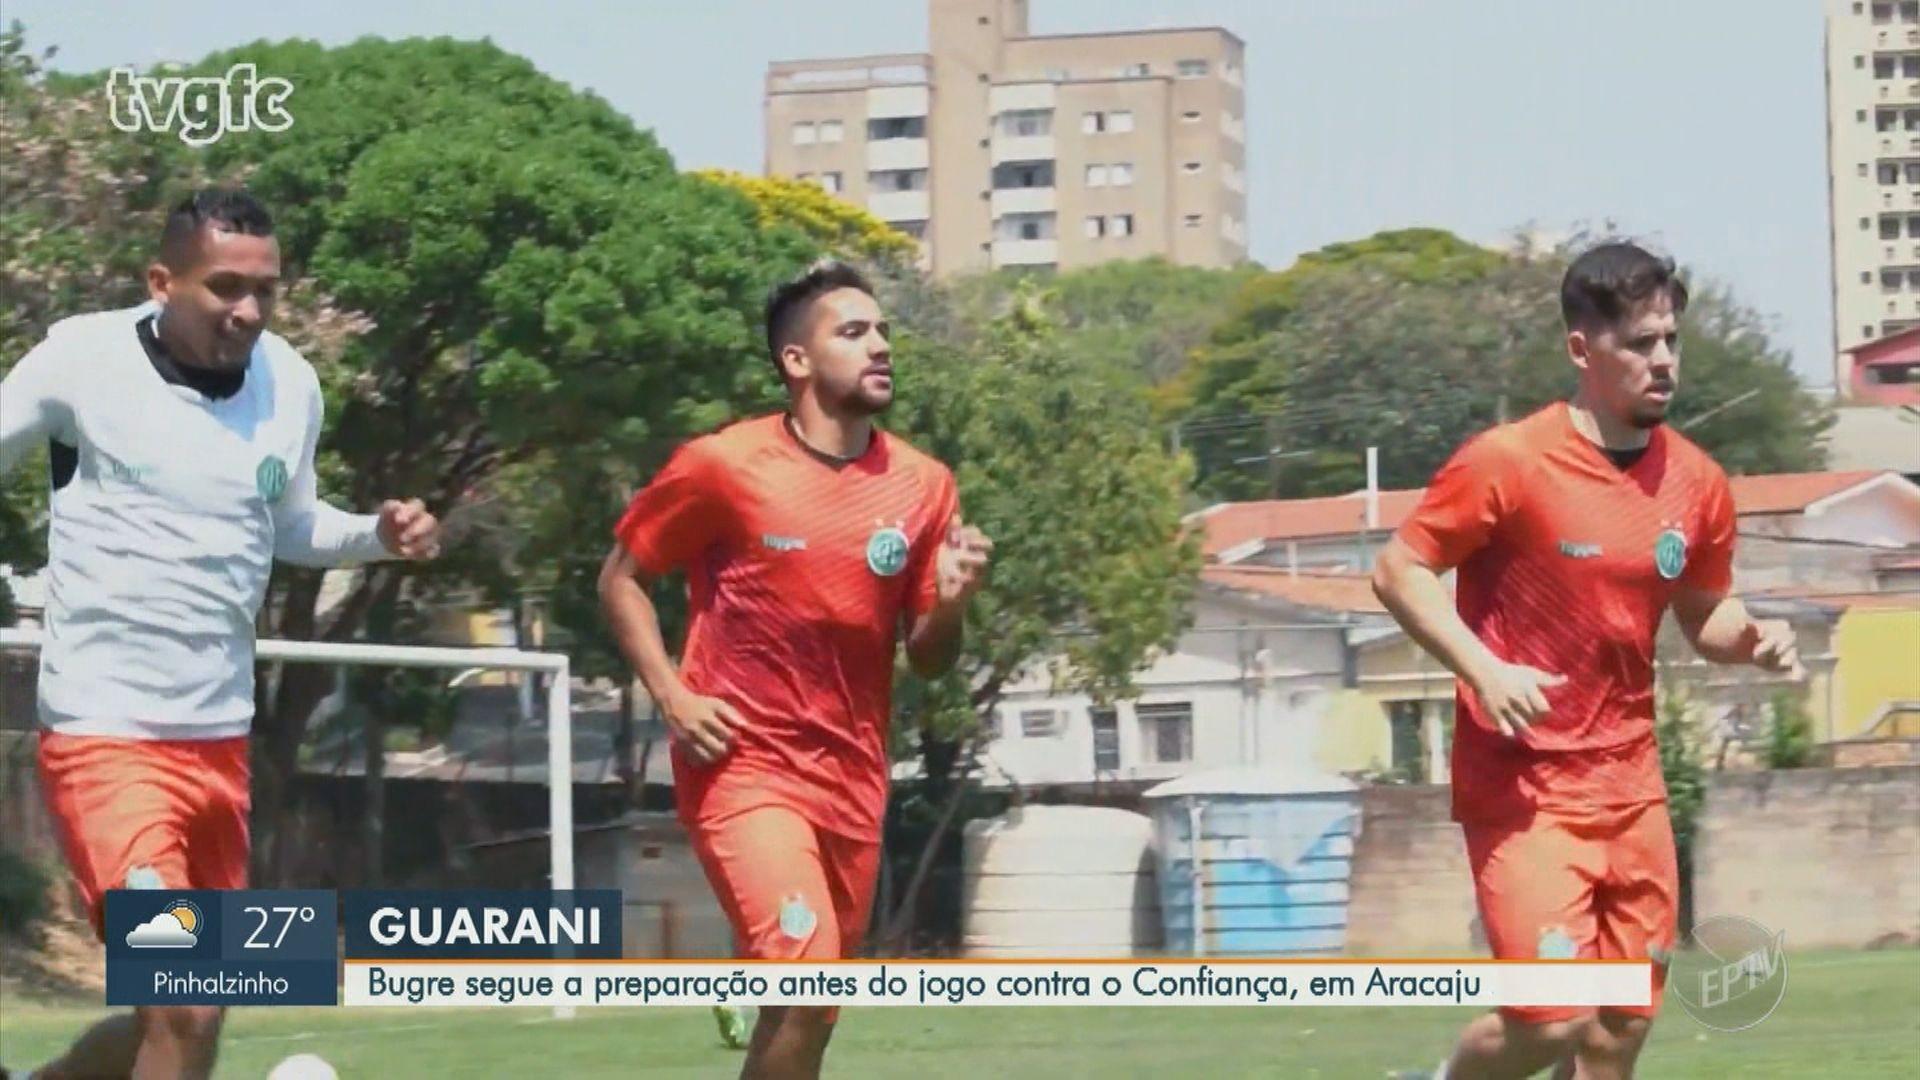 VÍDEOS: EPTV 1 região de Piracicaba desta terça-feira, 15 de setembro